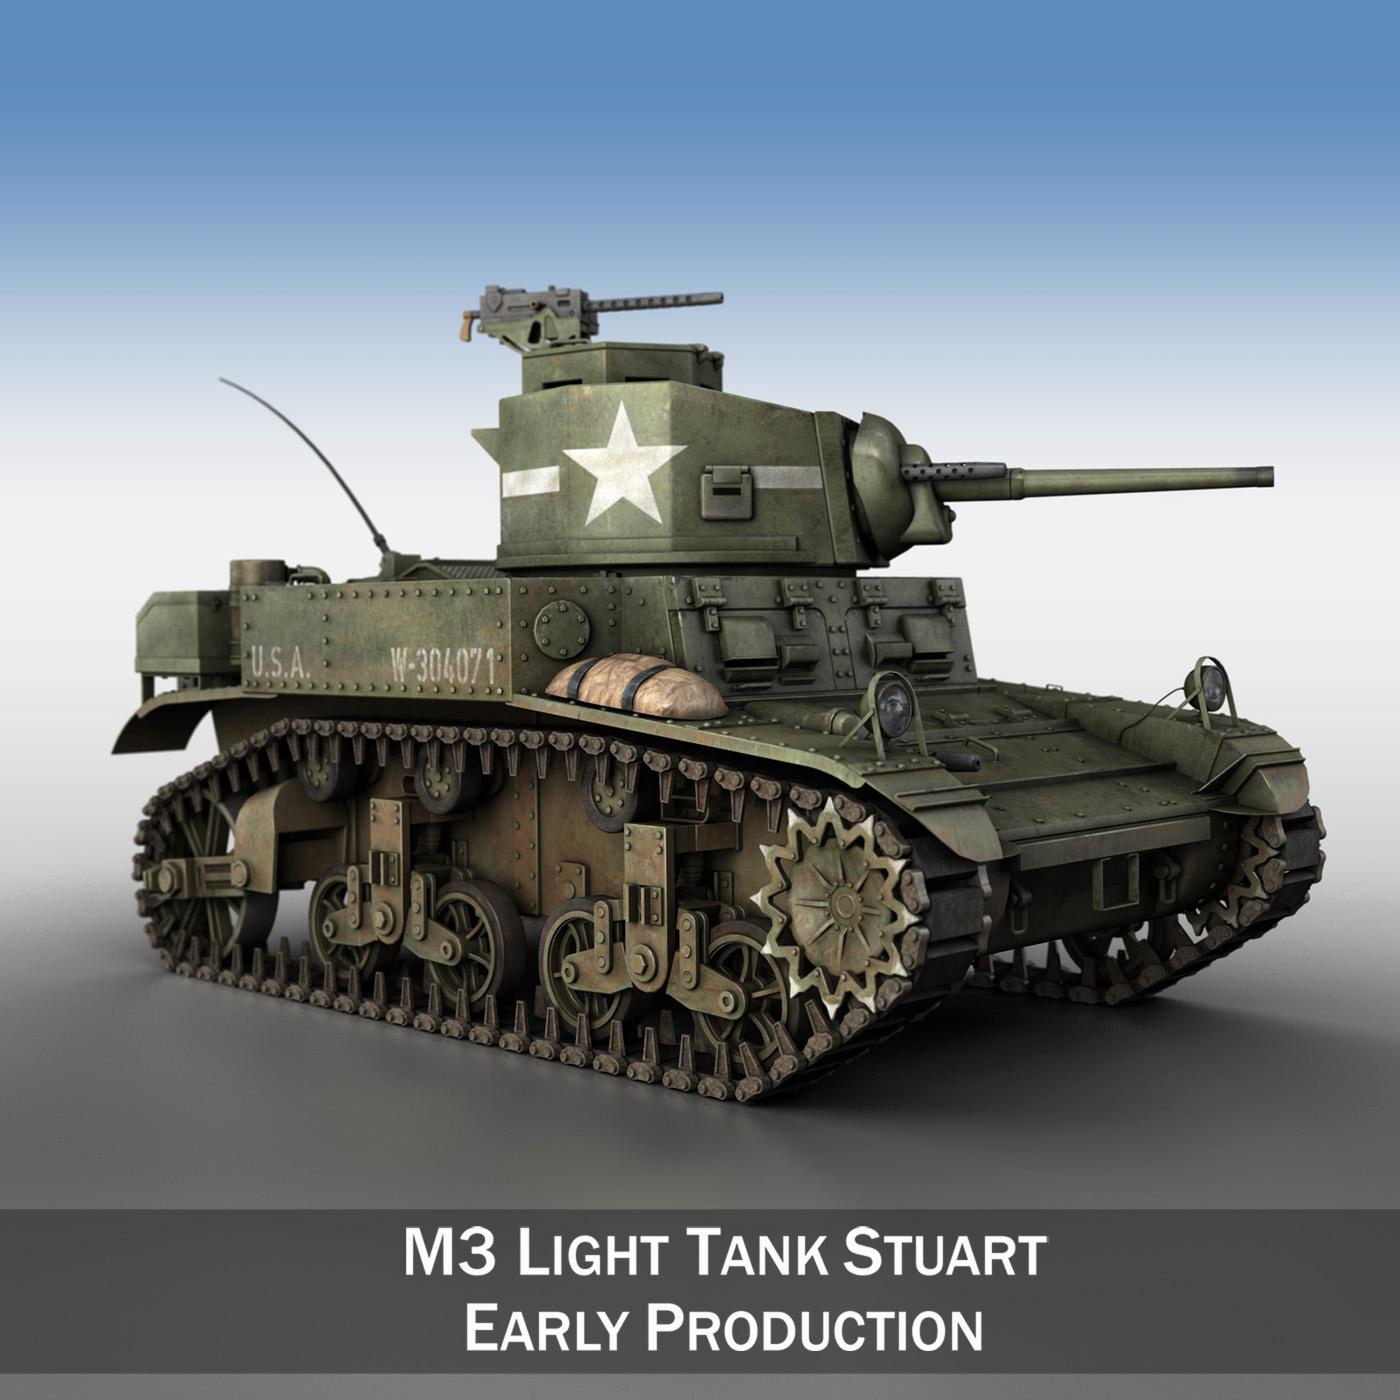 m3 us light tank stuart 3d model 3ds fbx c4d lwo obj 189185